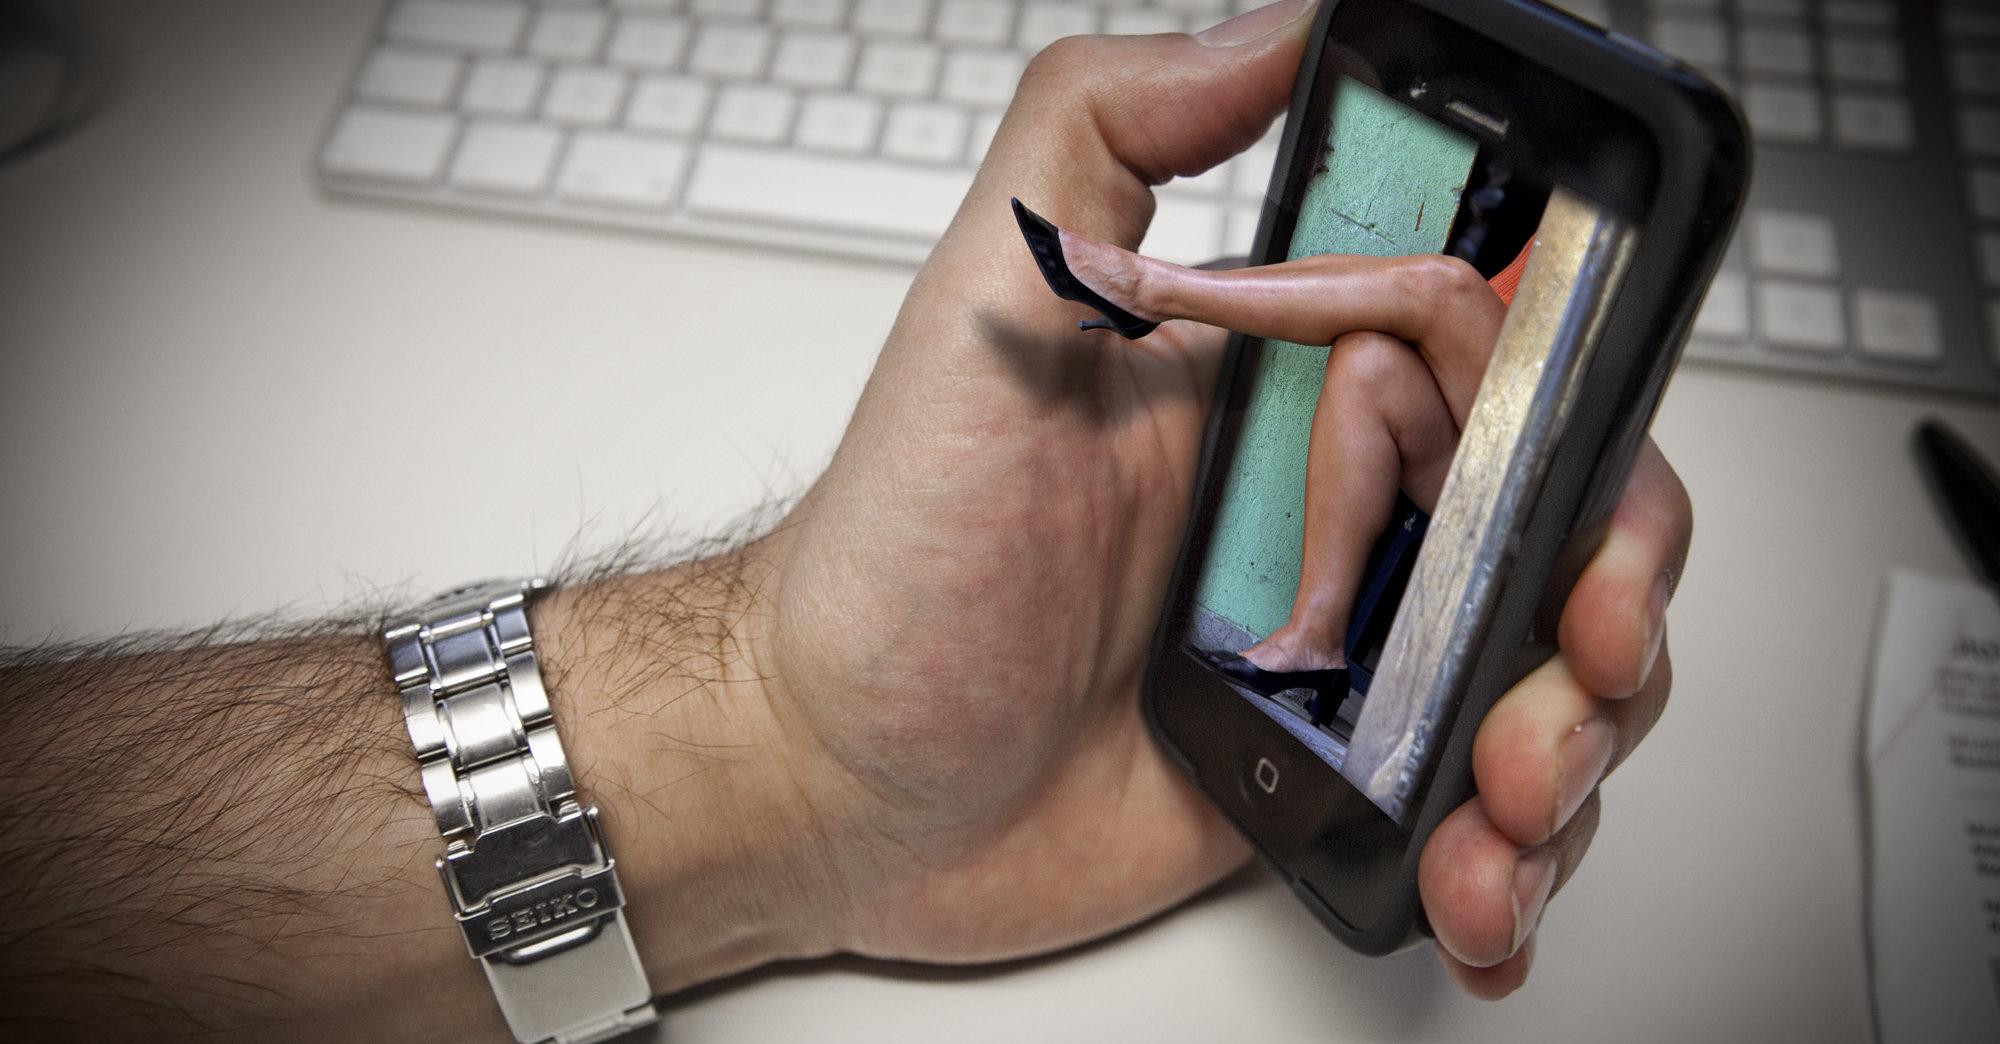 Stemmer informasjonen fra sugarsugar.com har Steve Jobs og Apple et forklaringsproblem.